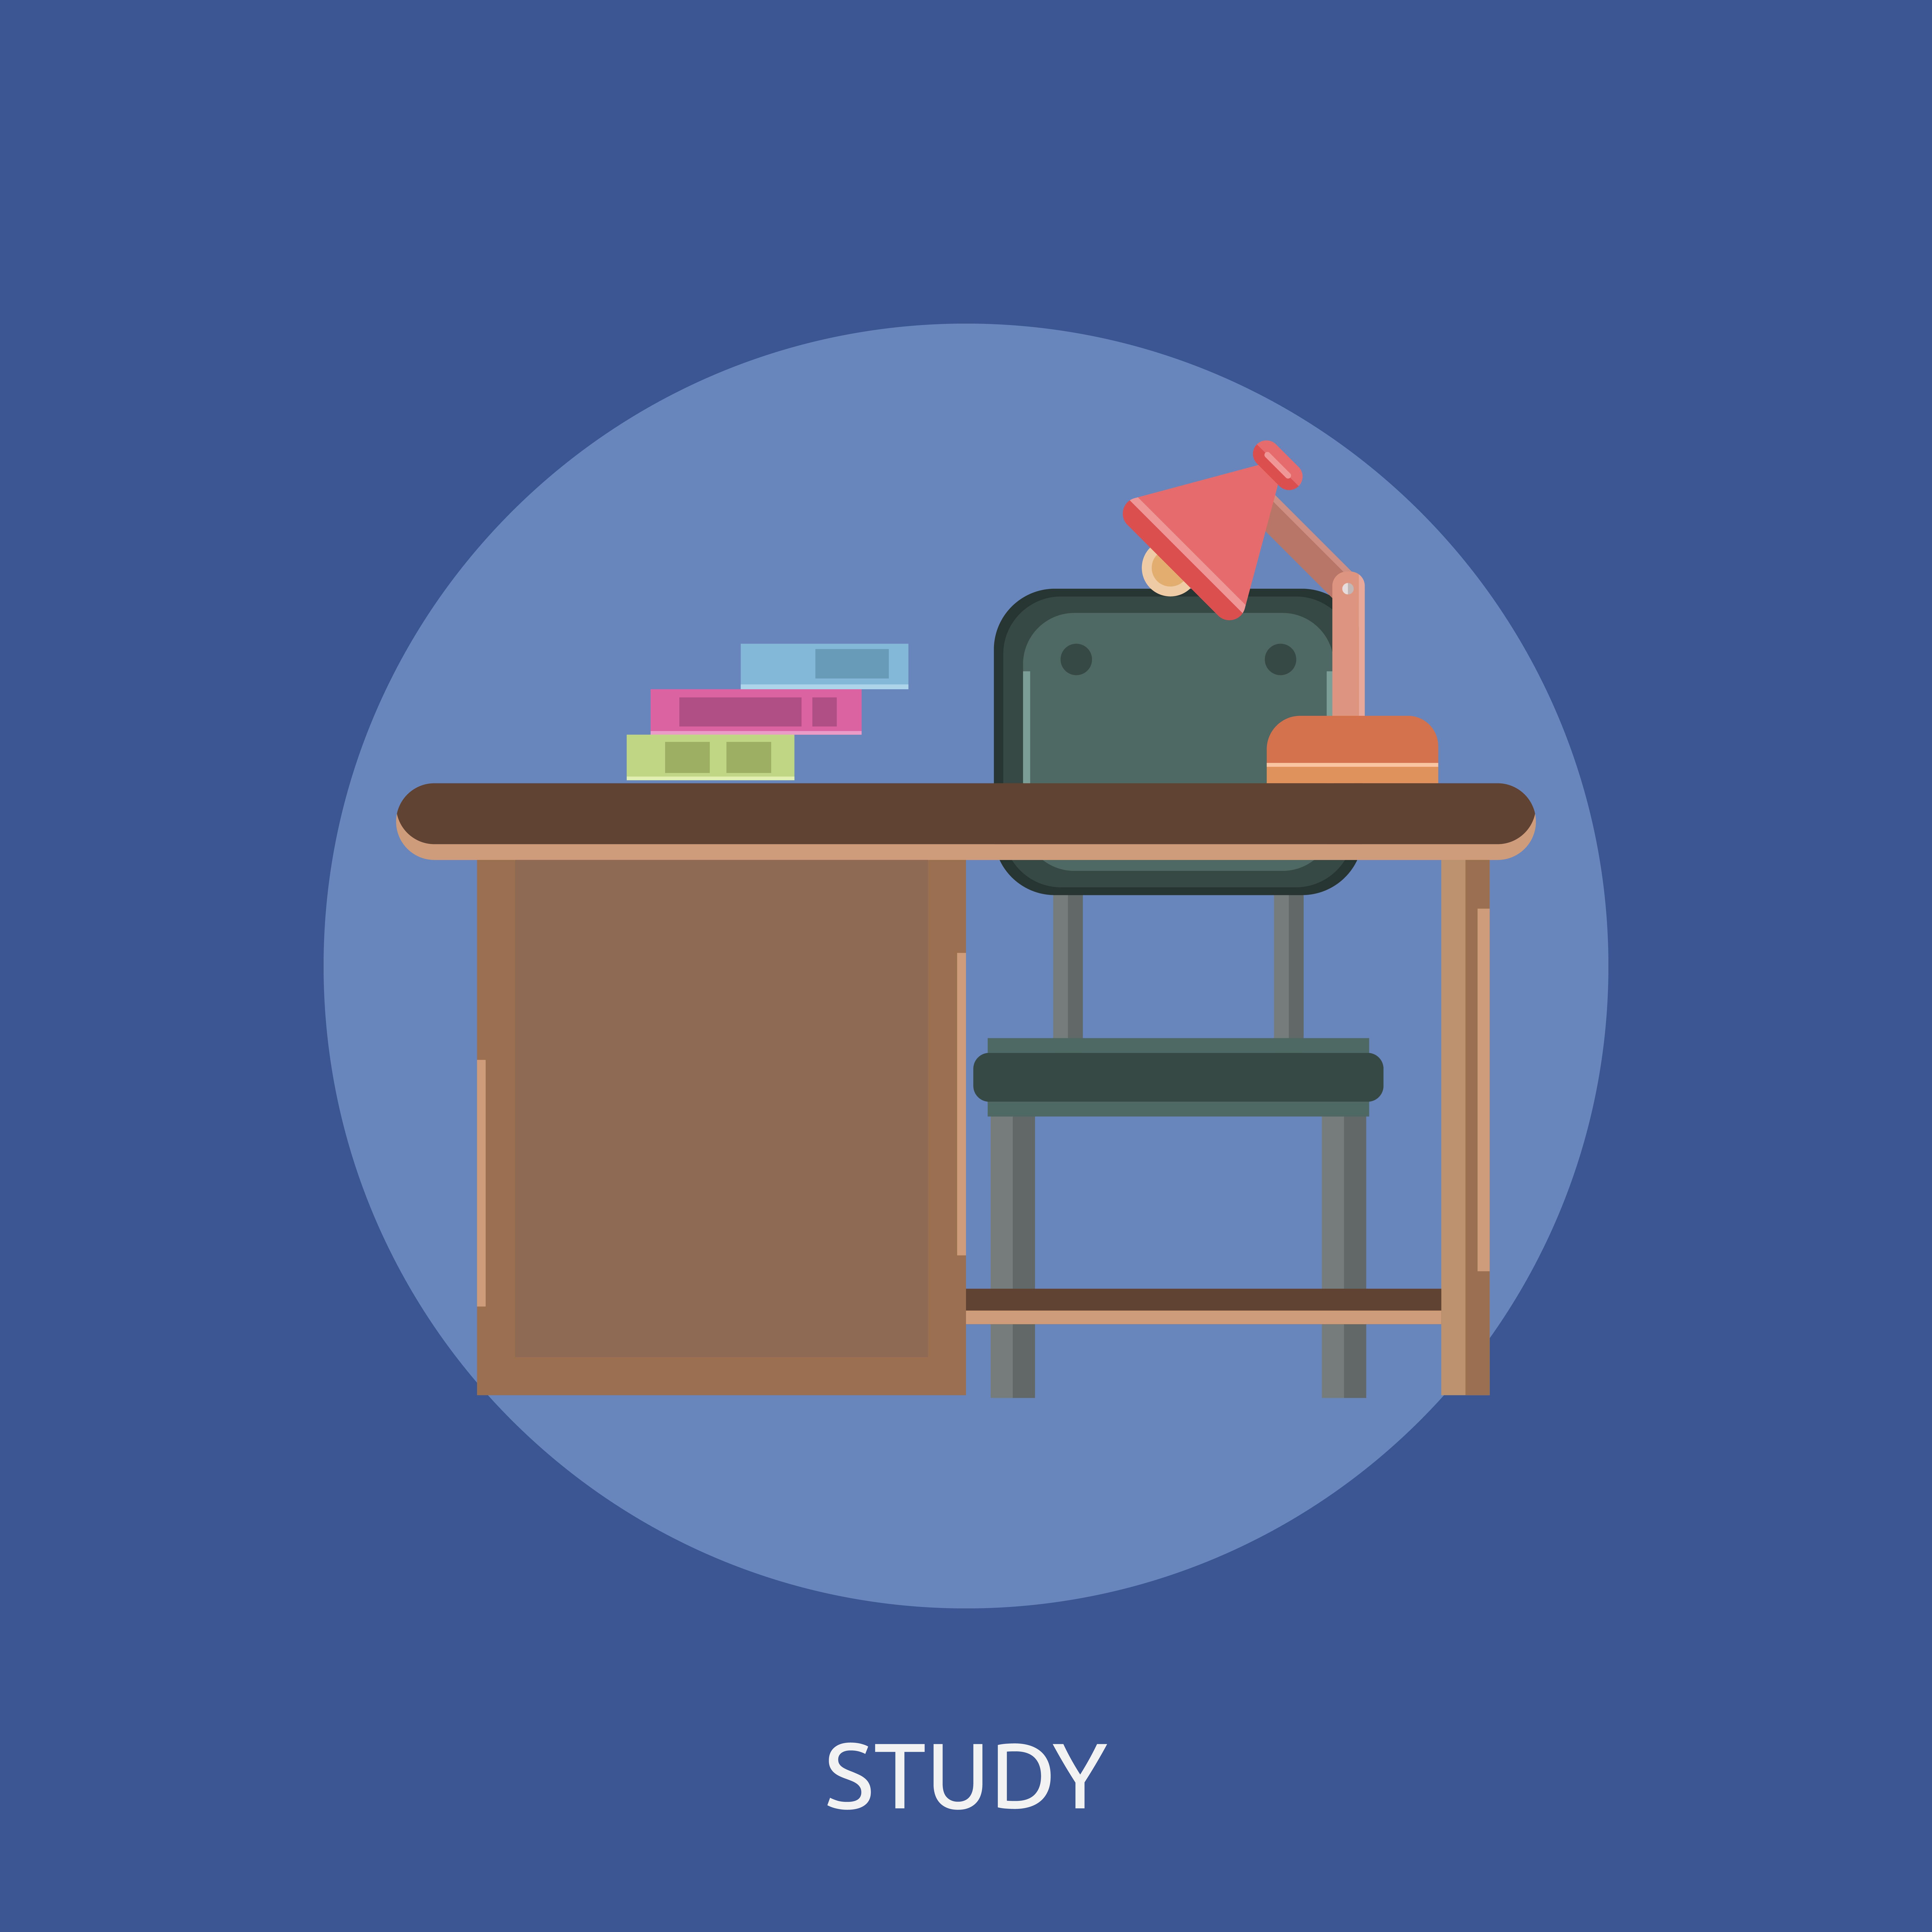 Study Conceptual illustration Design 474093 Vector Art at ...